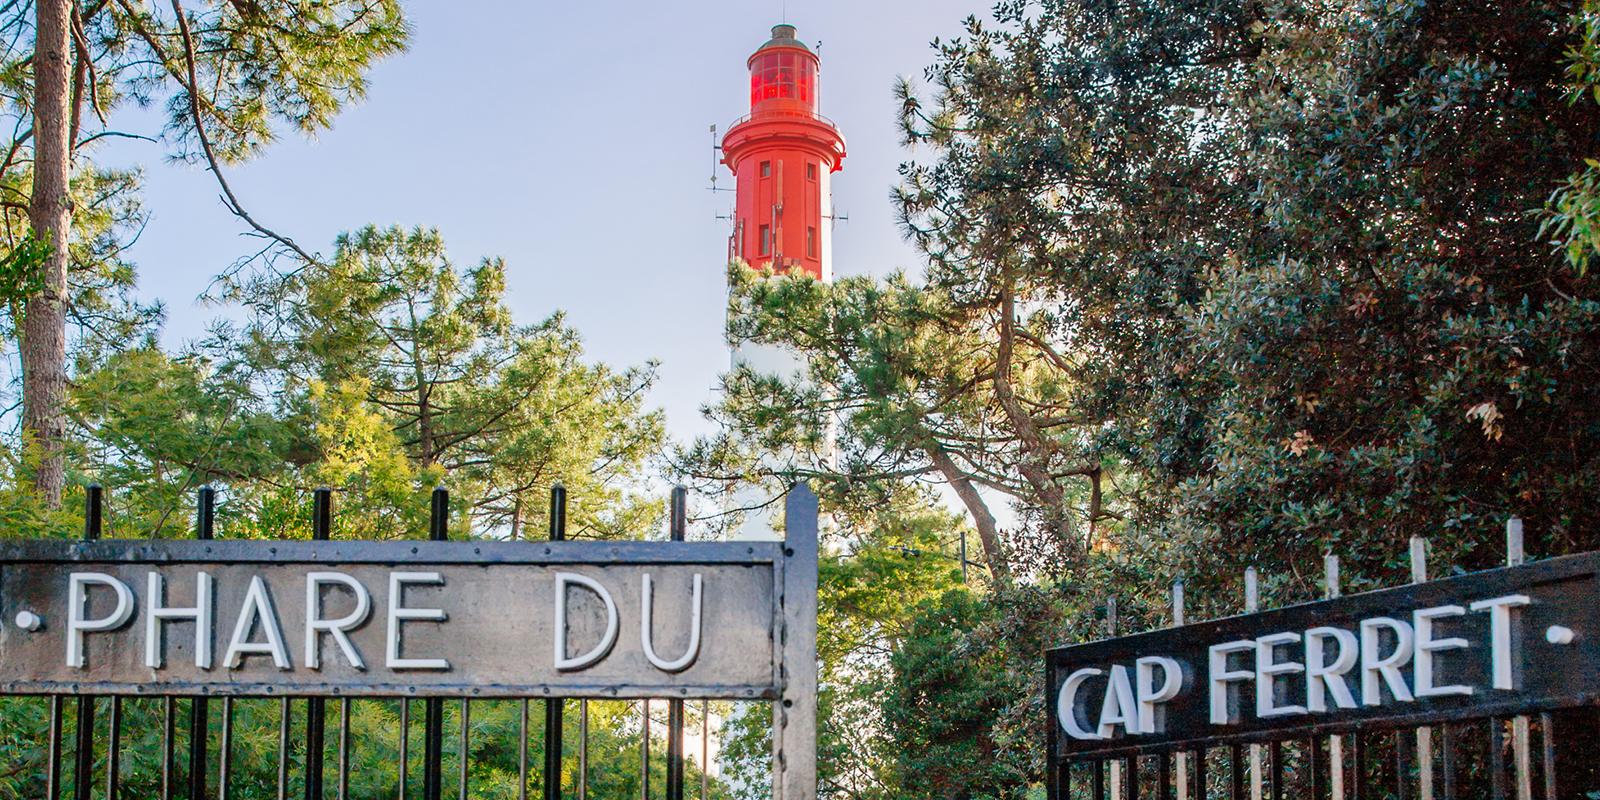 vacances au cap ferret ... vacances Visiter le phare du Cap Ferret